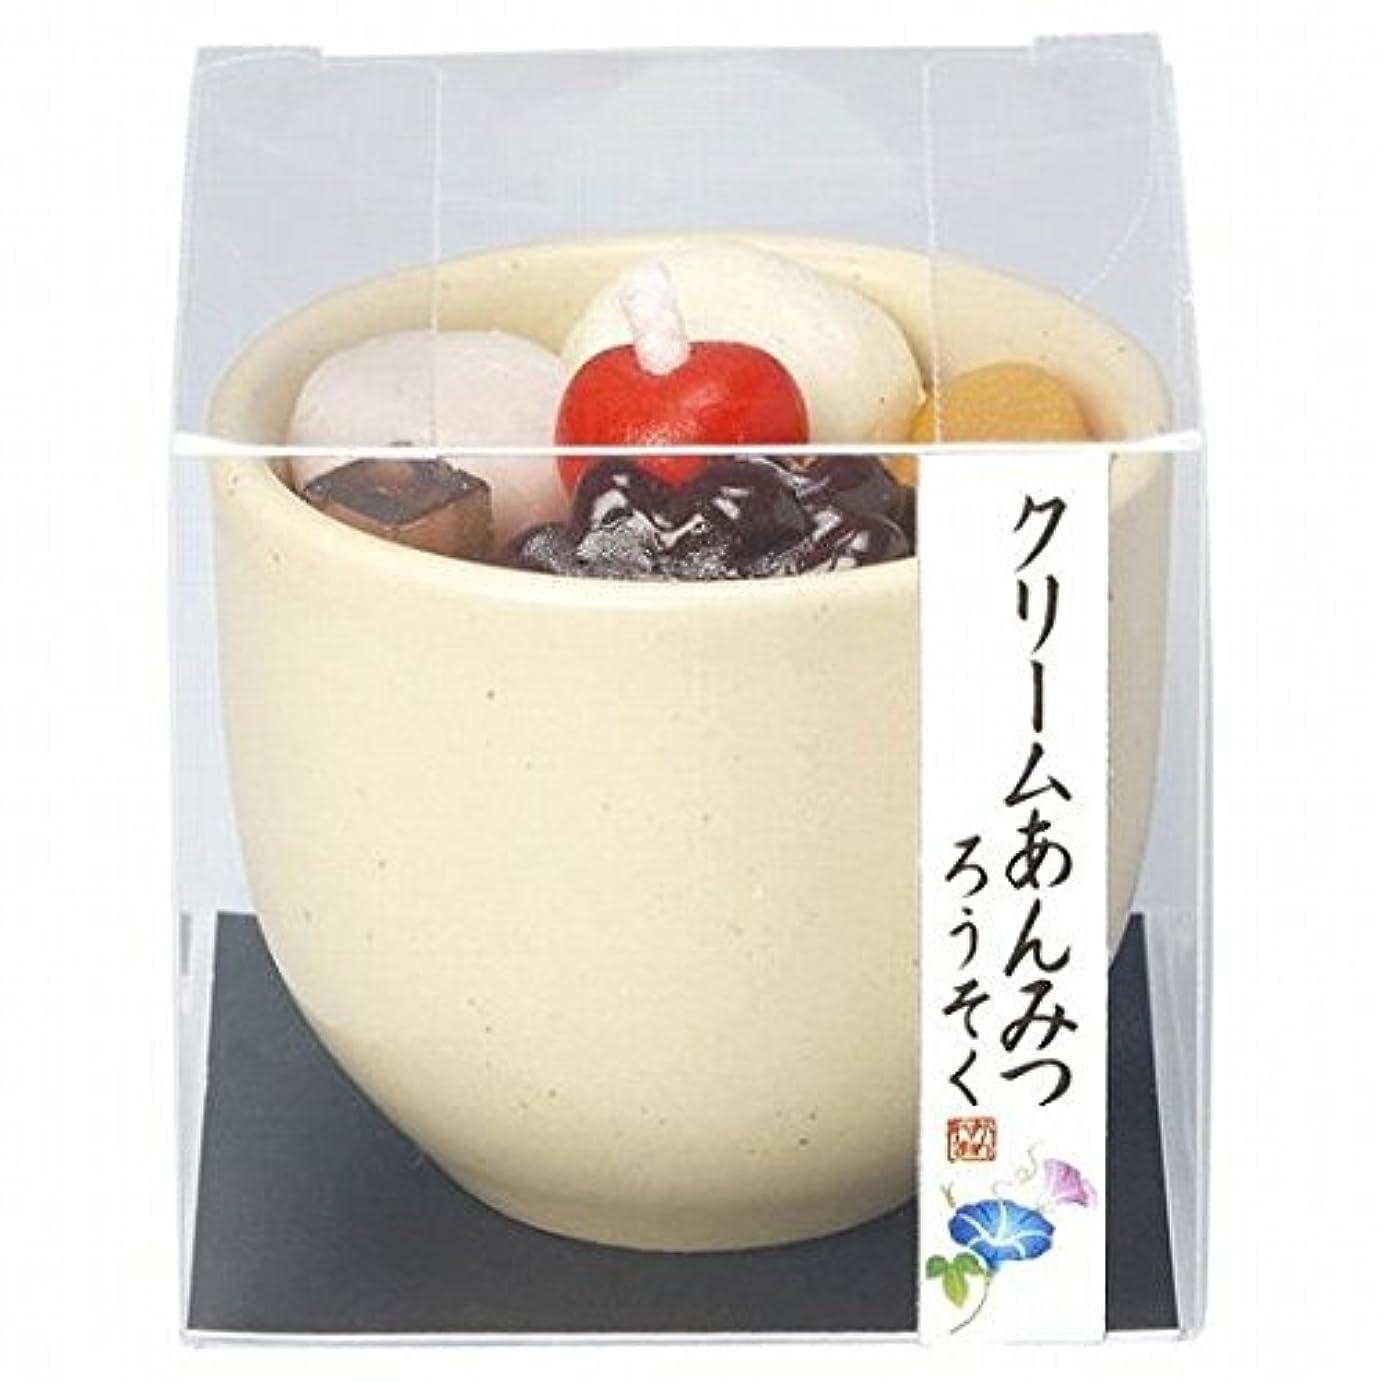 アセンブリパーセント彼らのものkameyama candle(カメヤマキャンドル) クリームあんみつキャンドル(86220000)